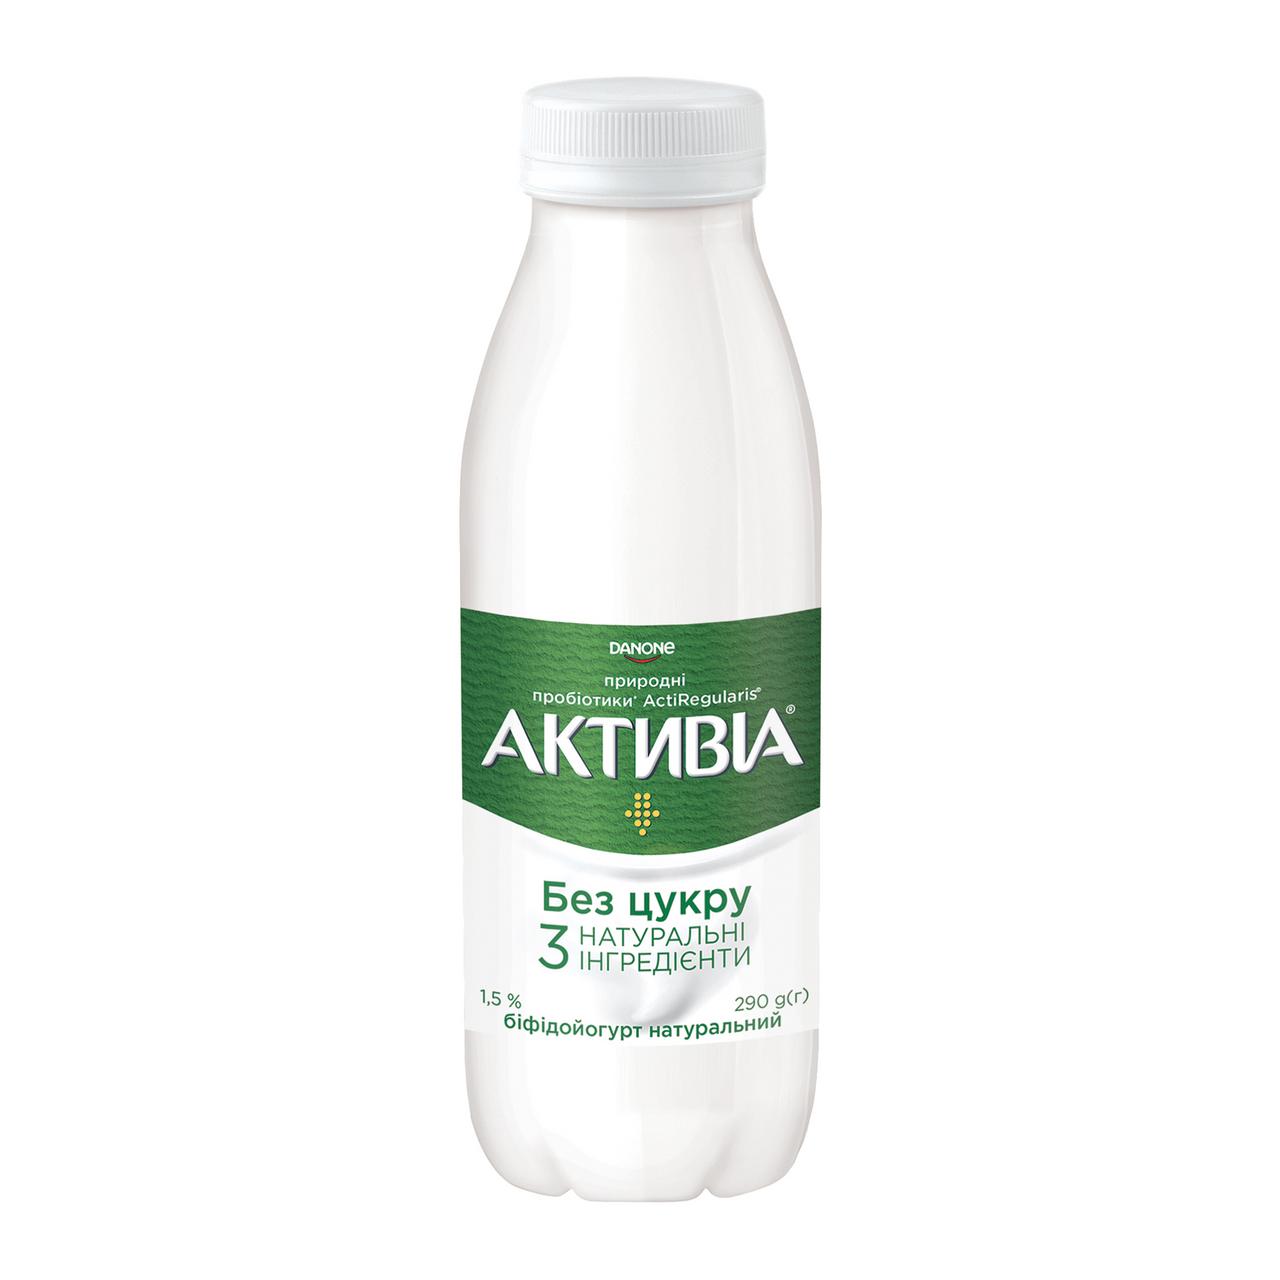 Біфідойогурт Активіа питний 1.5% 290г